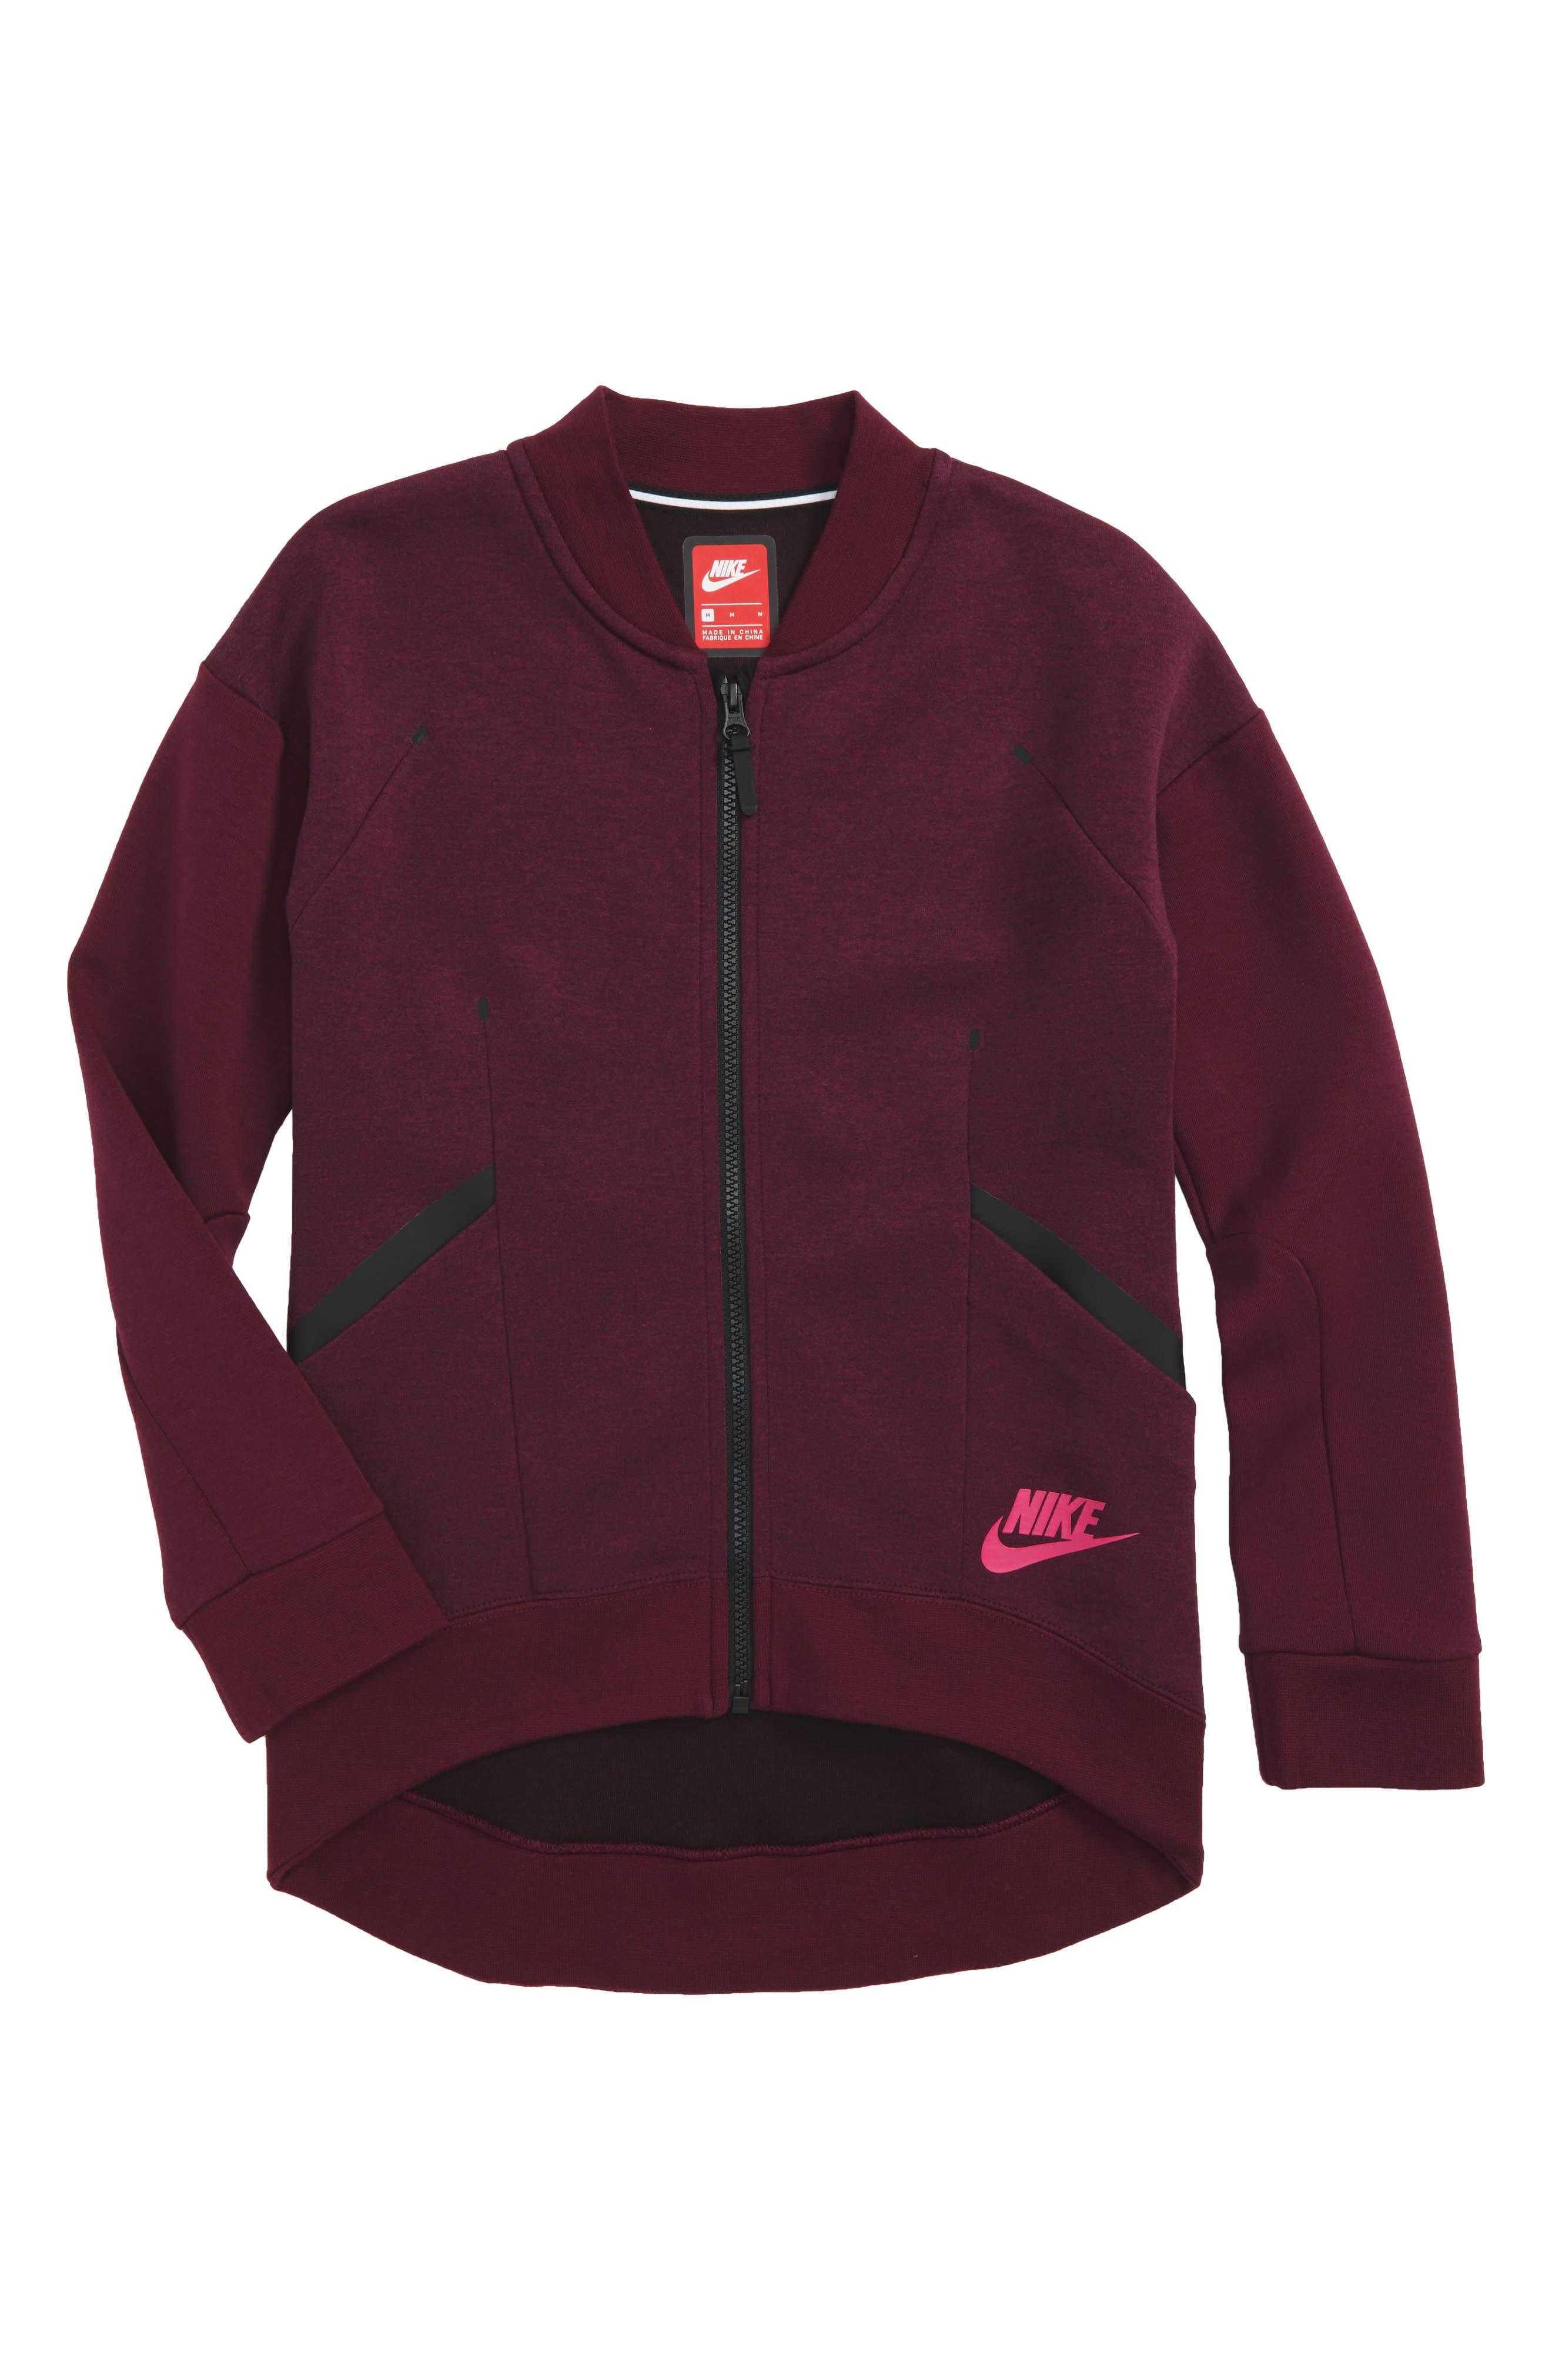 Main Image - Nike Tech Fleece Zip Jacket (Big Girls)